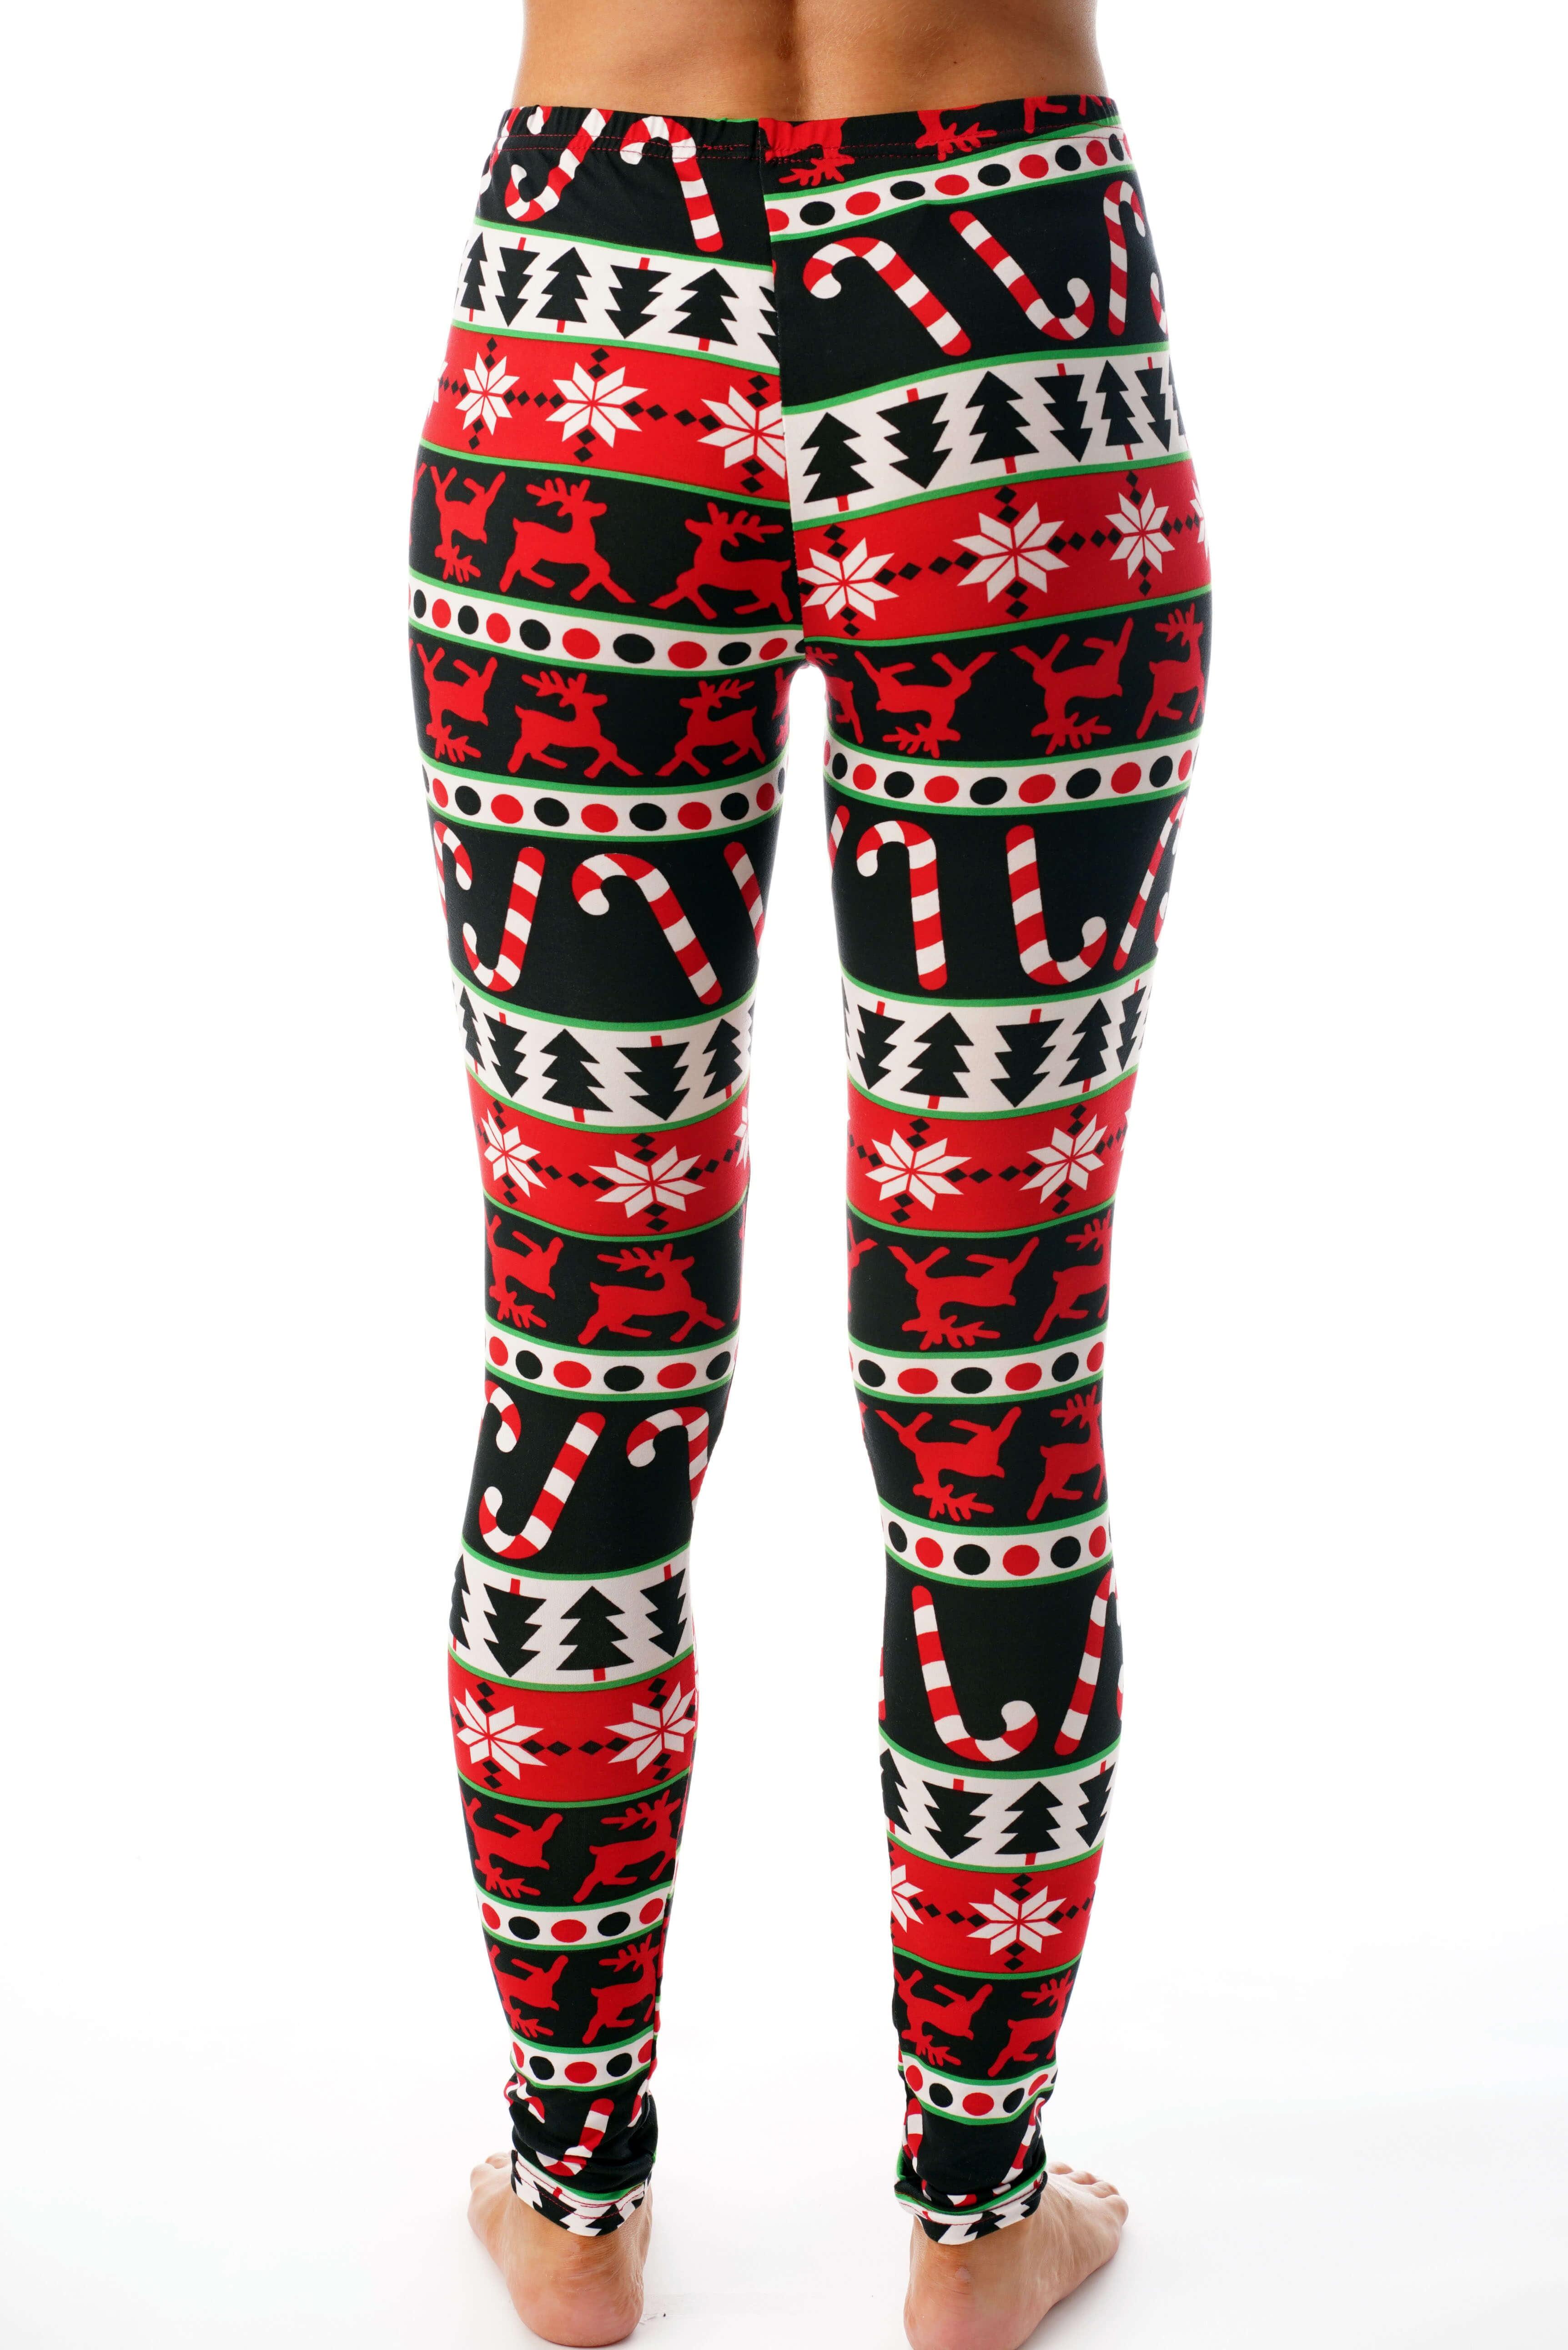 Christmas Camper Women/'s Leggings For Full-time RV/'ers Buffalo Red Black Plaid